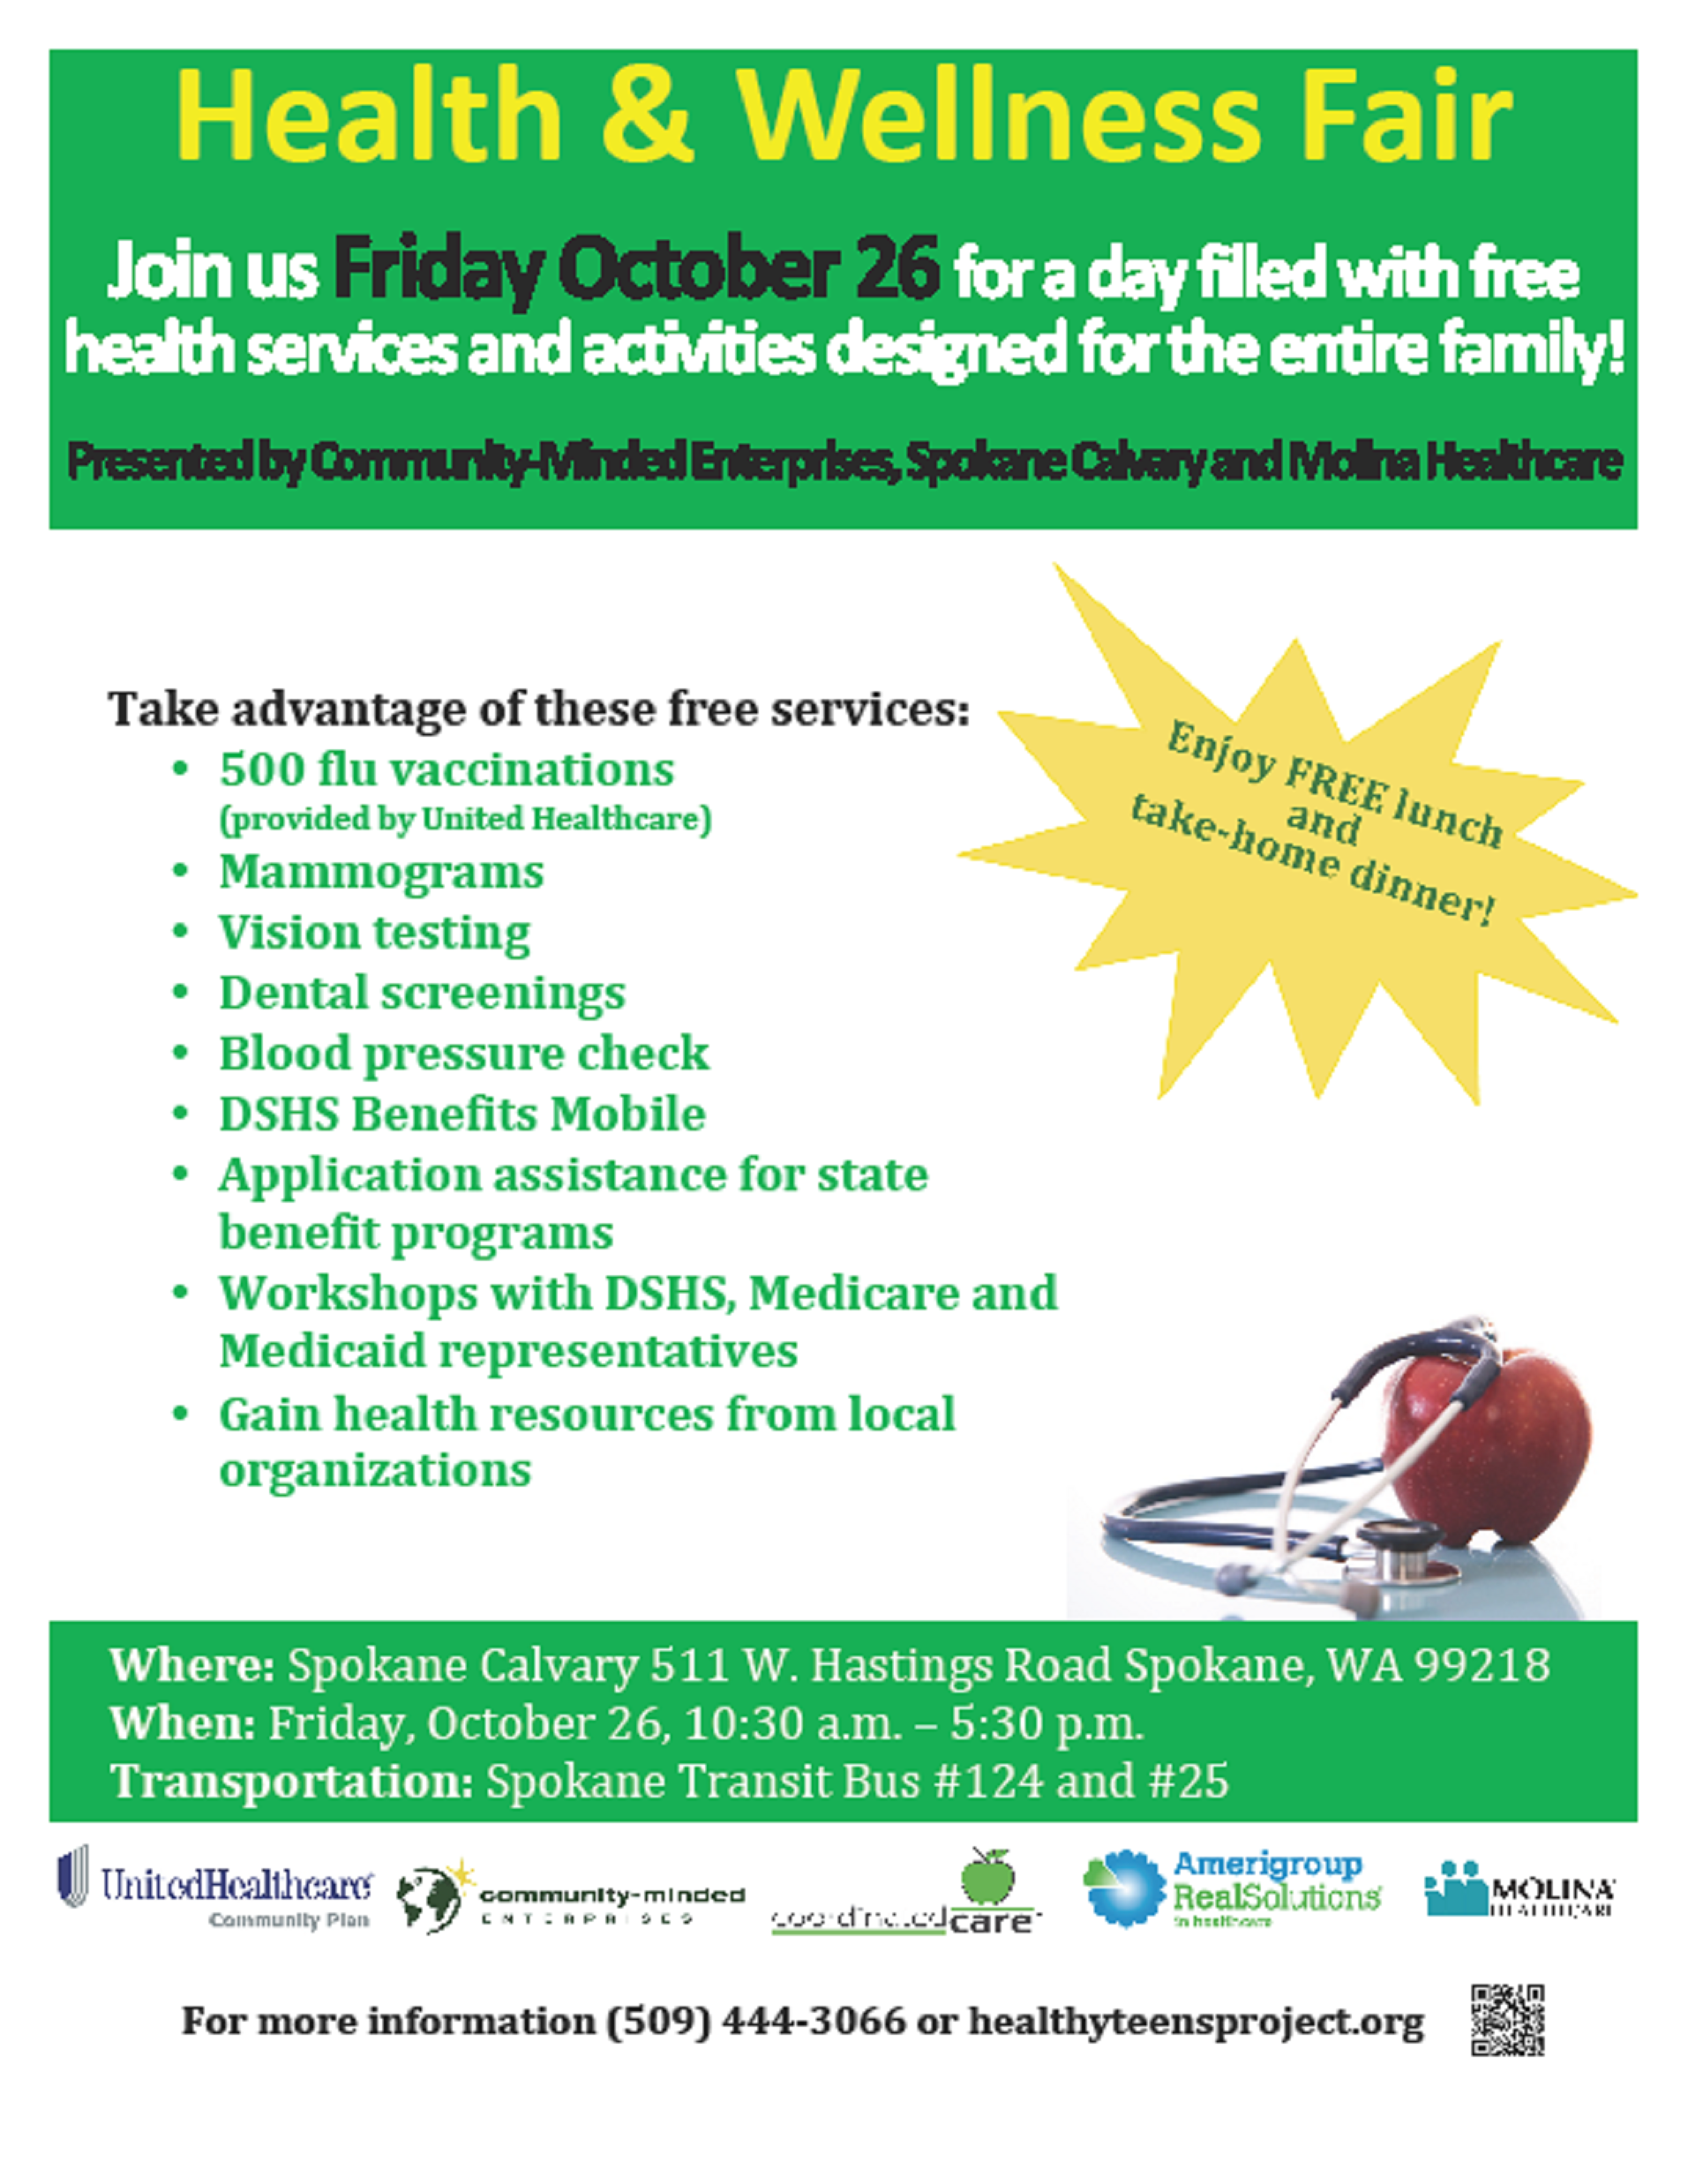 Health and Wellness Fair Flyer Health Fairs Pinterest